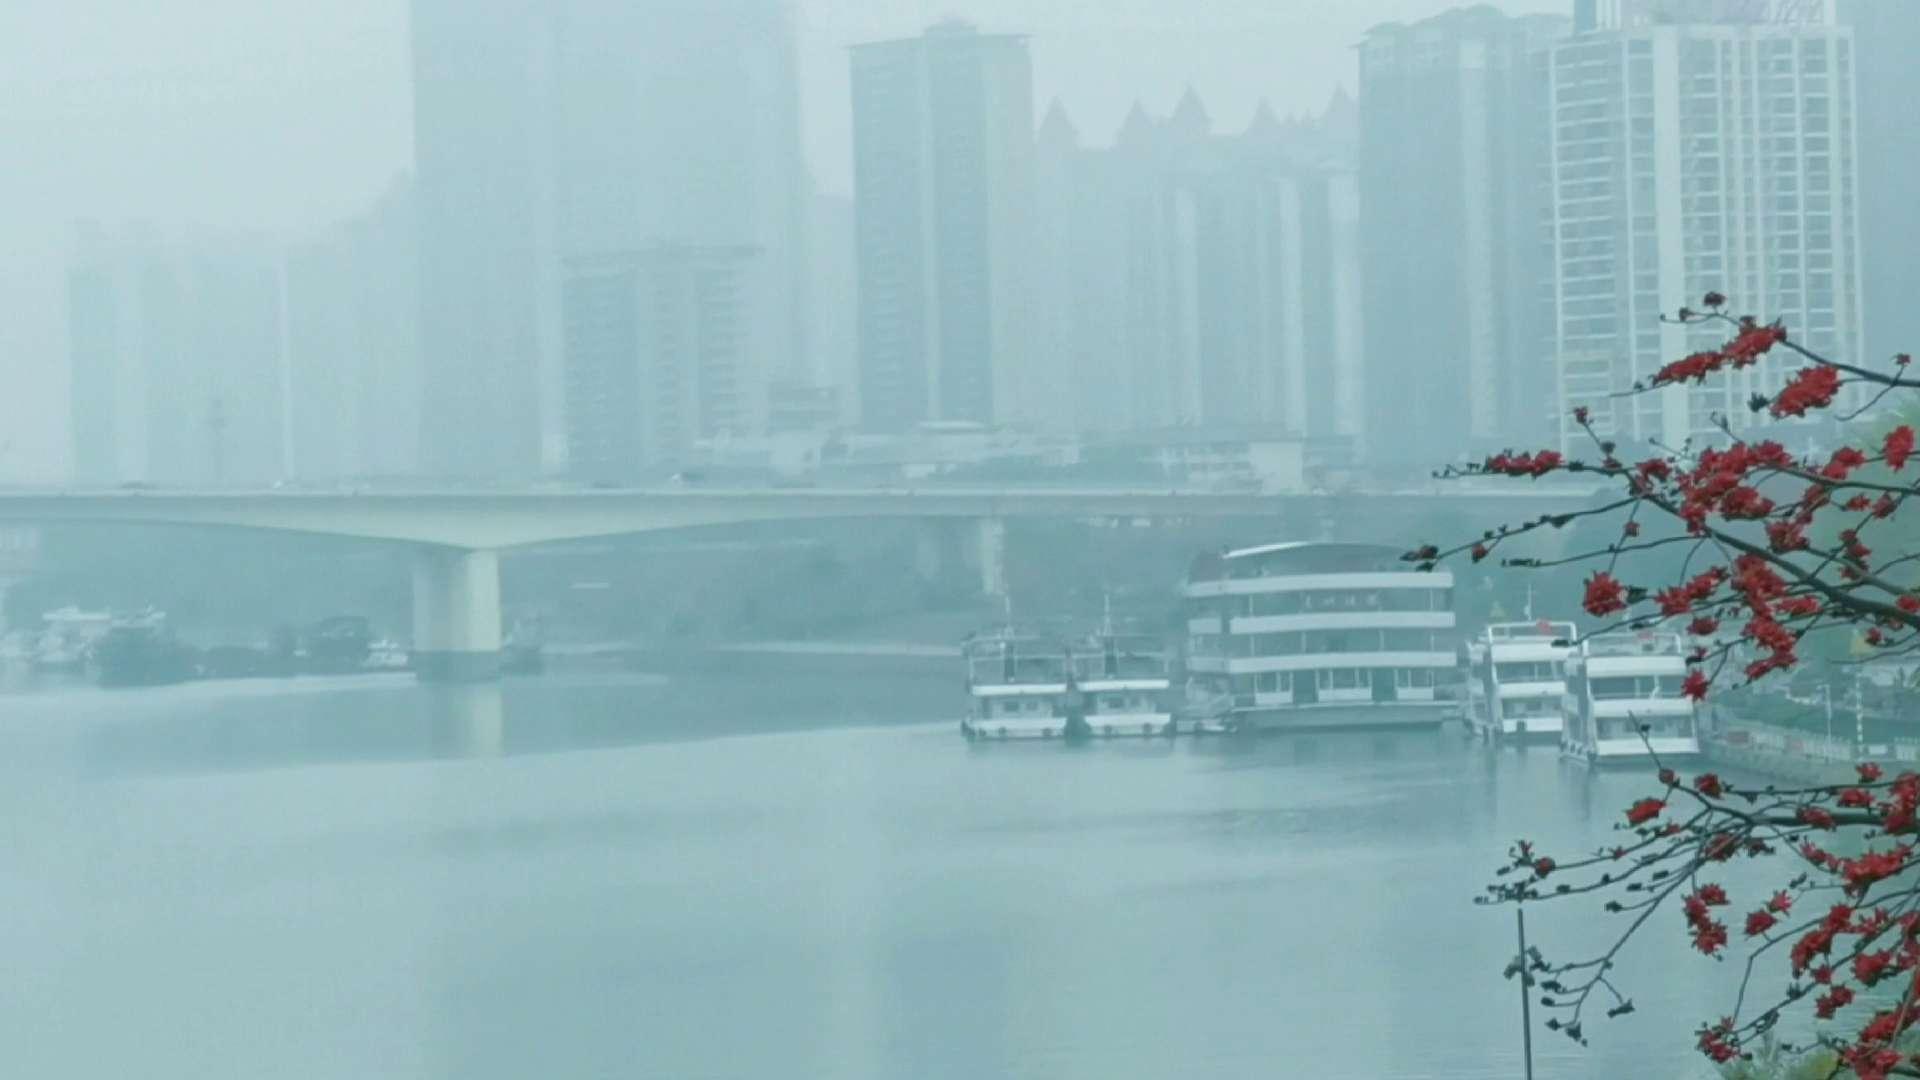 【P40pro+随手拍视频】雾里看江,花粉随手拍-花粉俱乐部